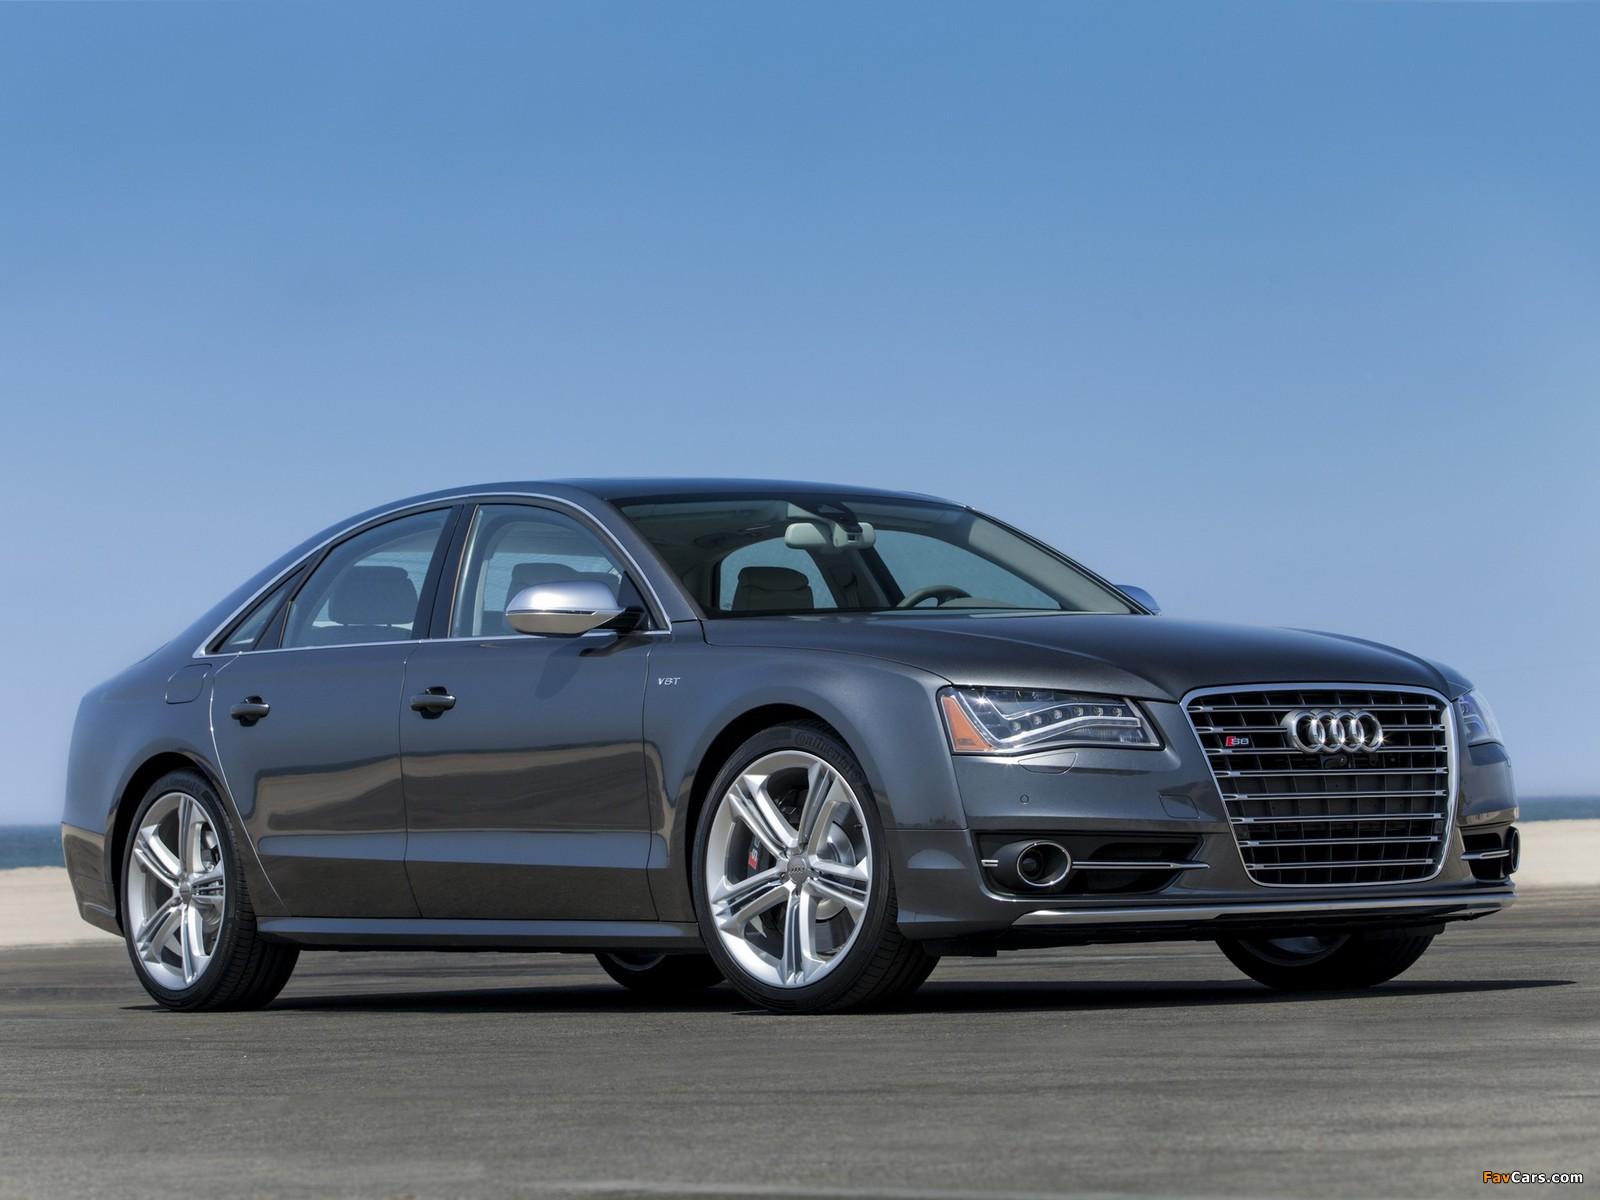 Audi S8 Us Spec D4 2012 Pictures 1600x1200